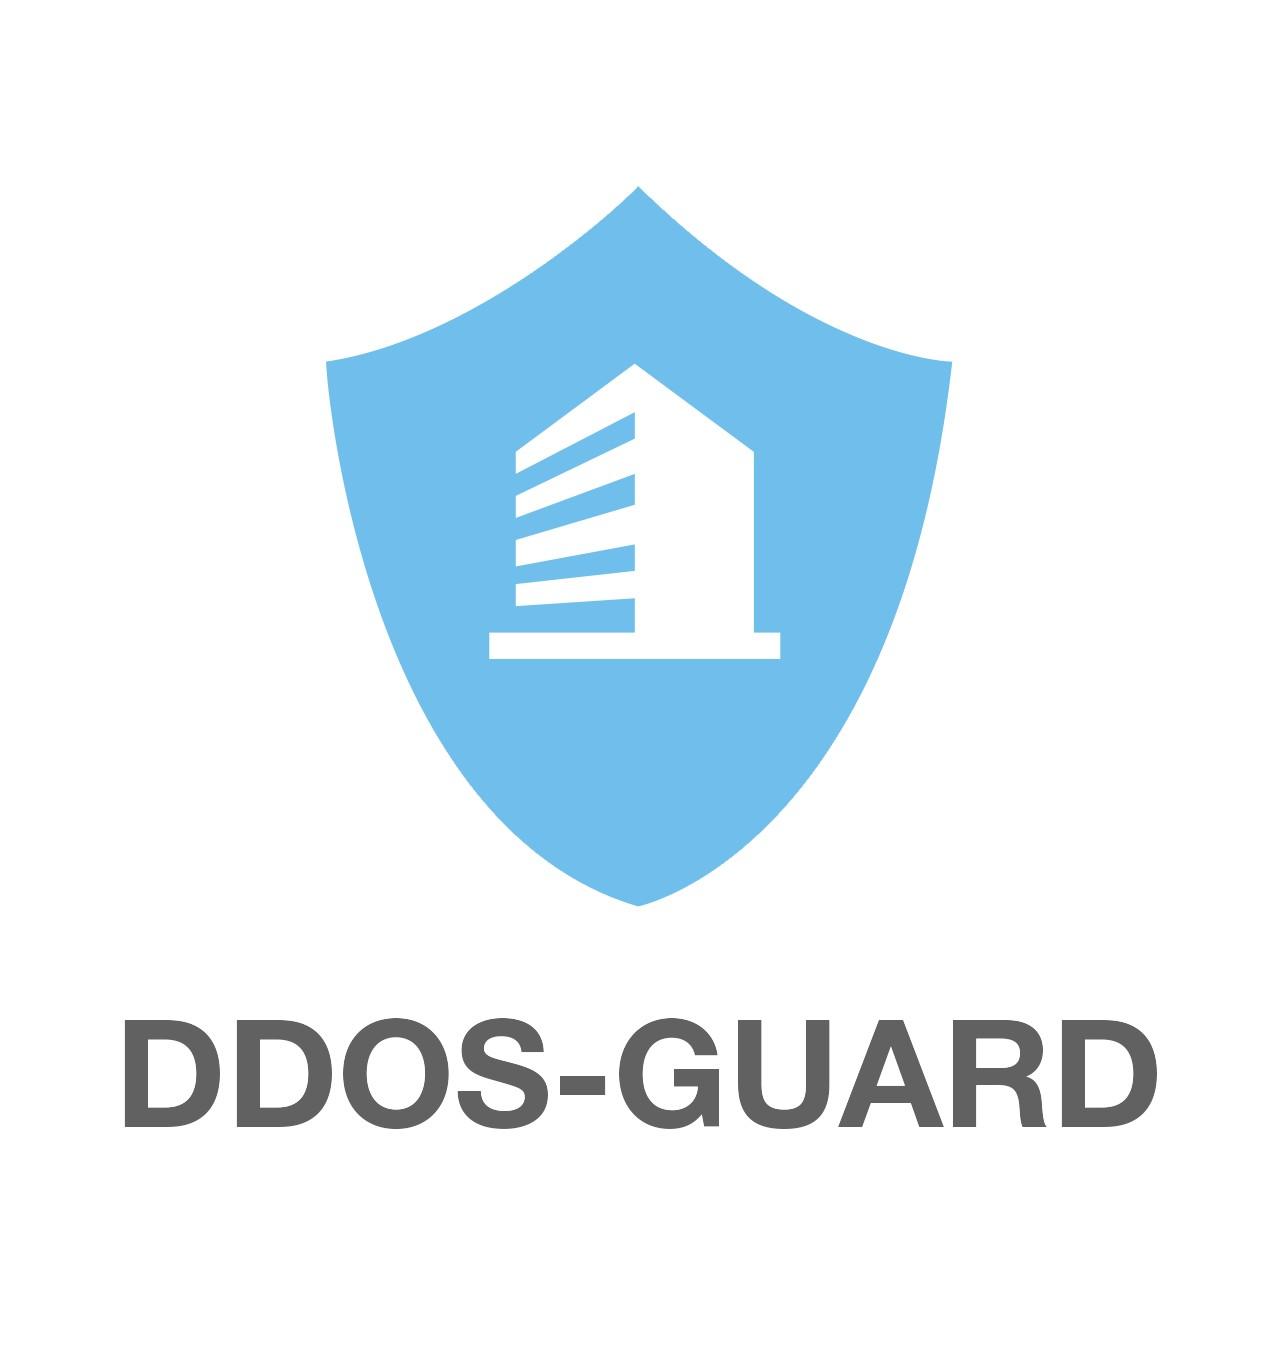 DDoS-GUARD Logo